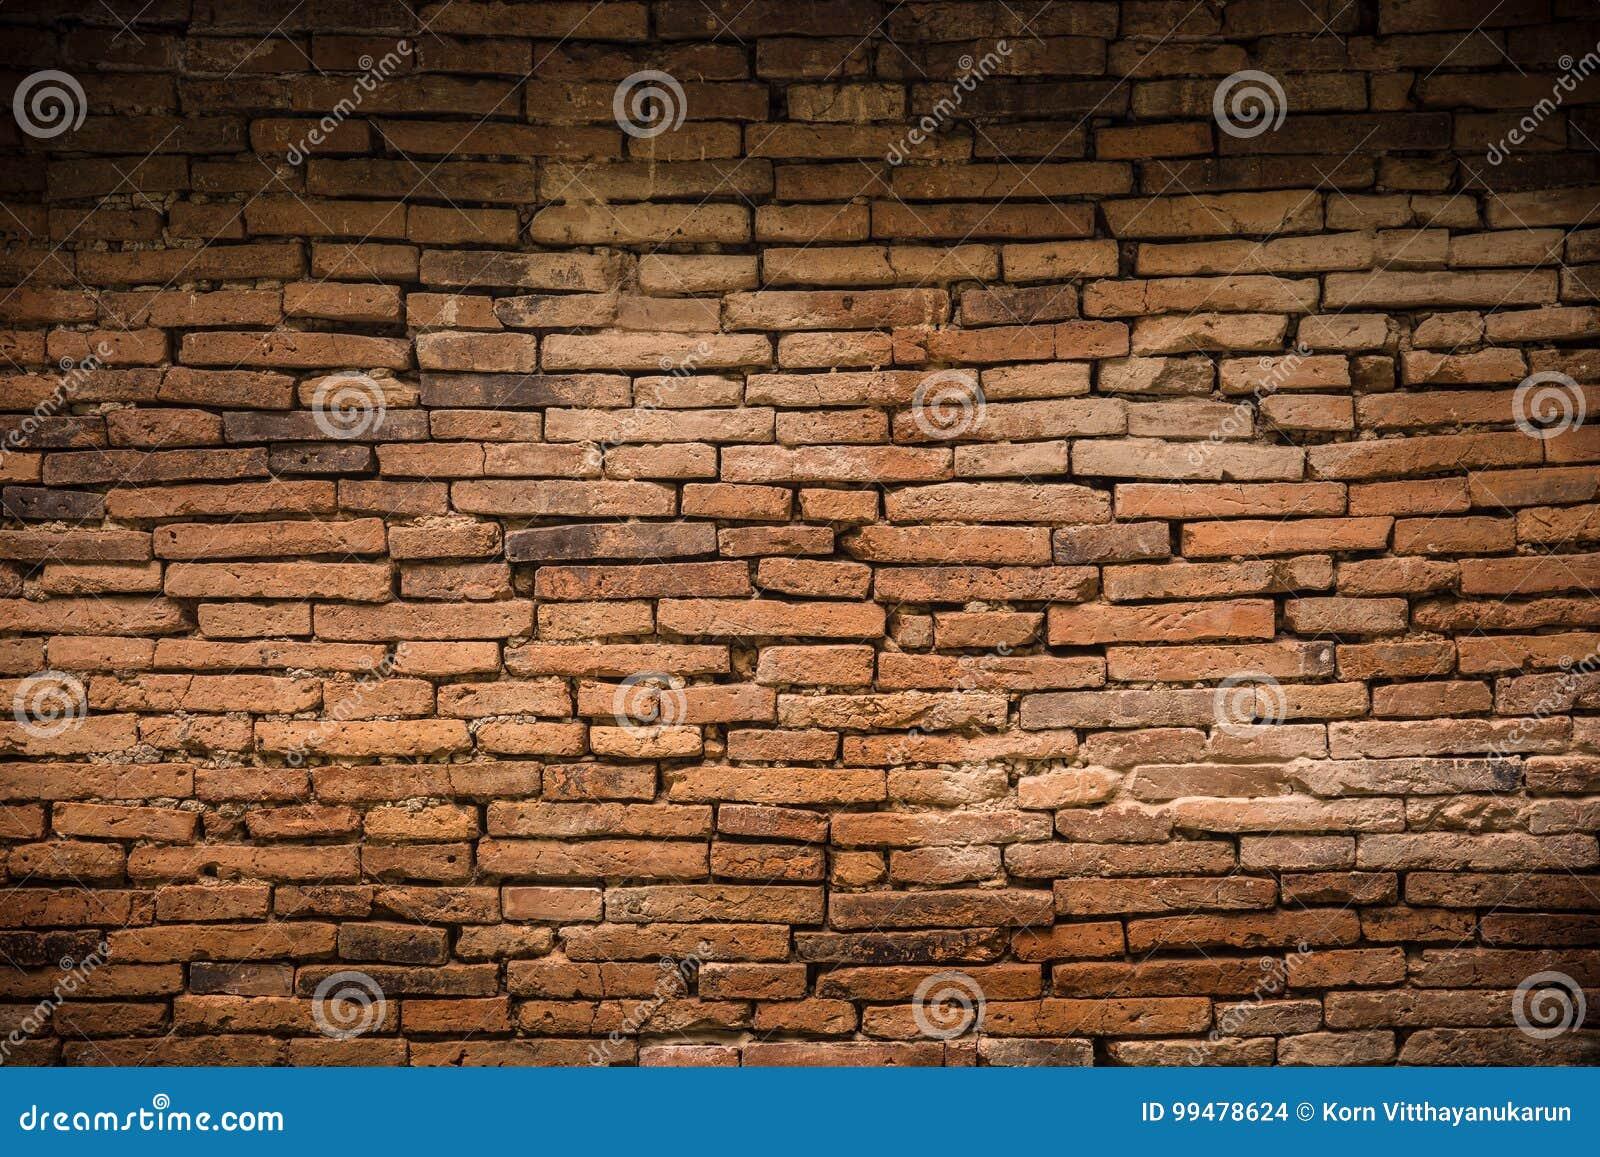 Dekadenter Hintergrund Der Alten Alten Backsteinmauer Stockfoto   Bild von rustic, schwarzes ...